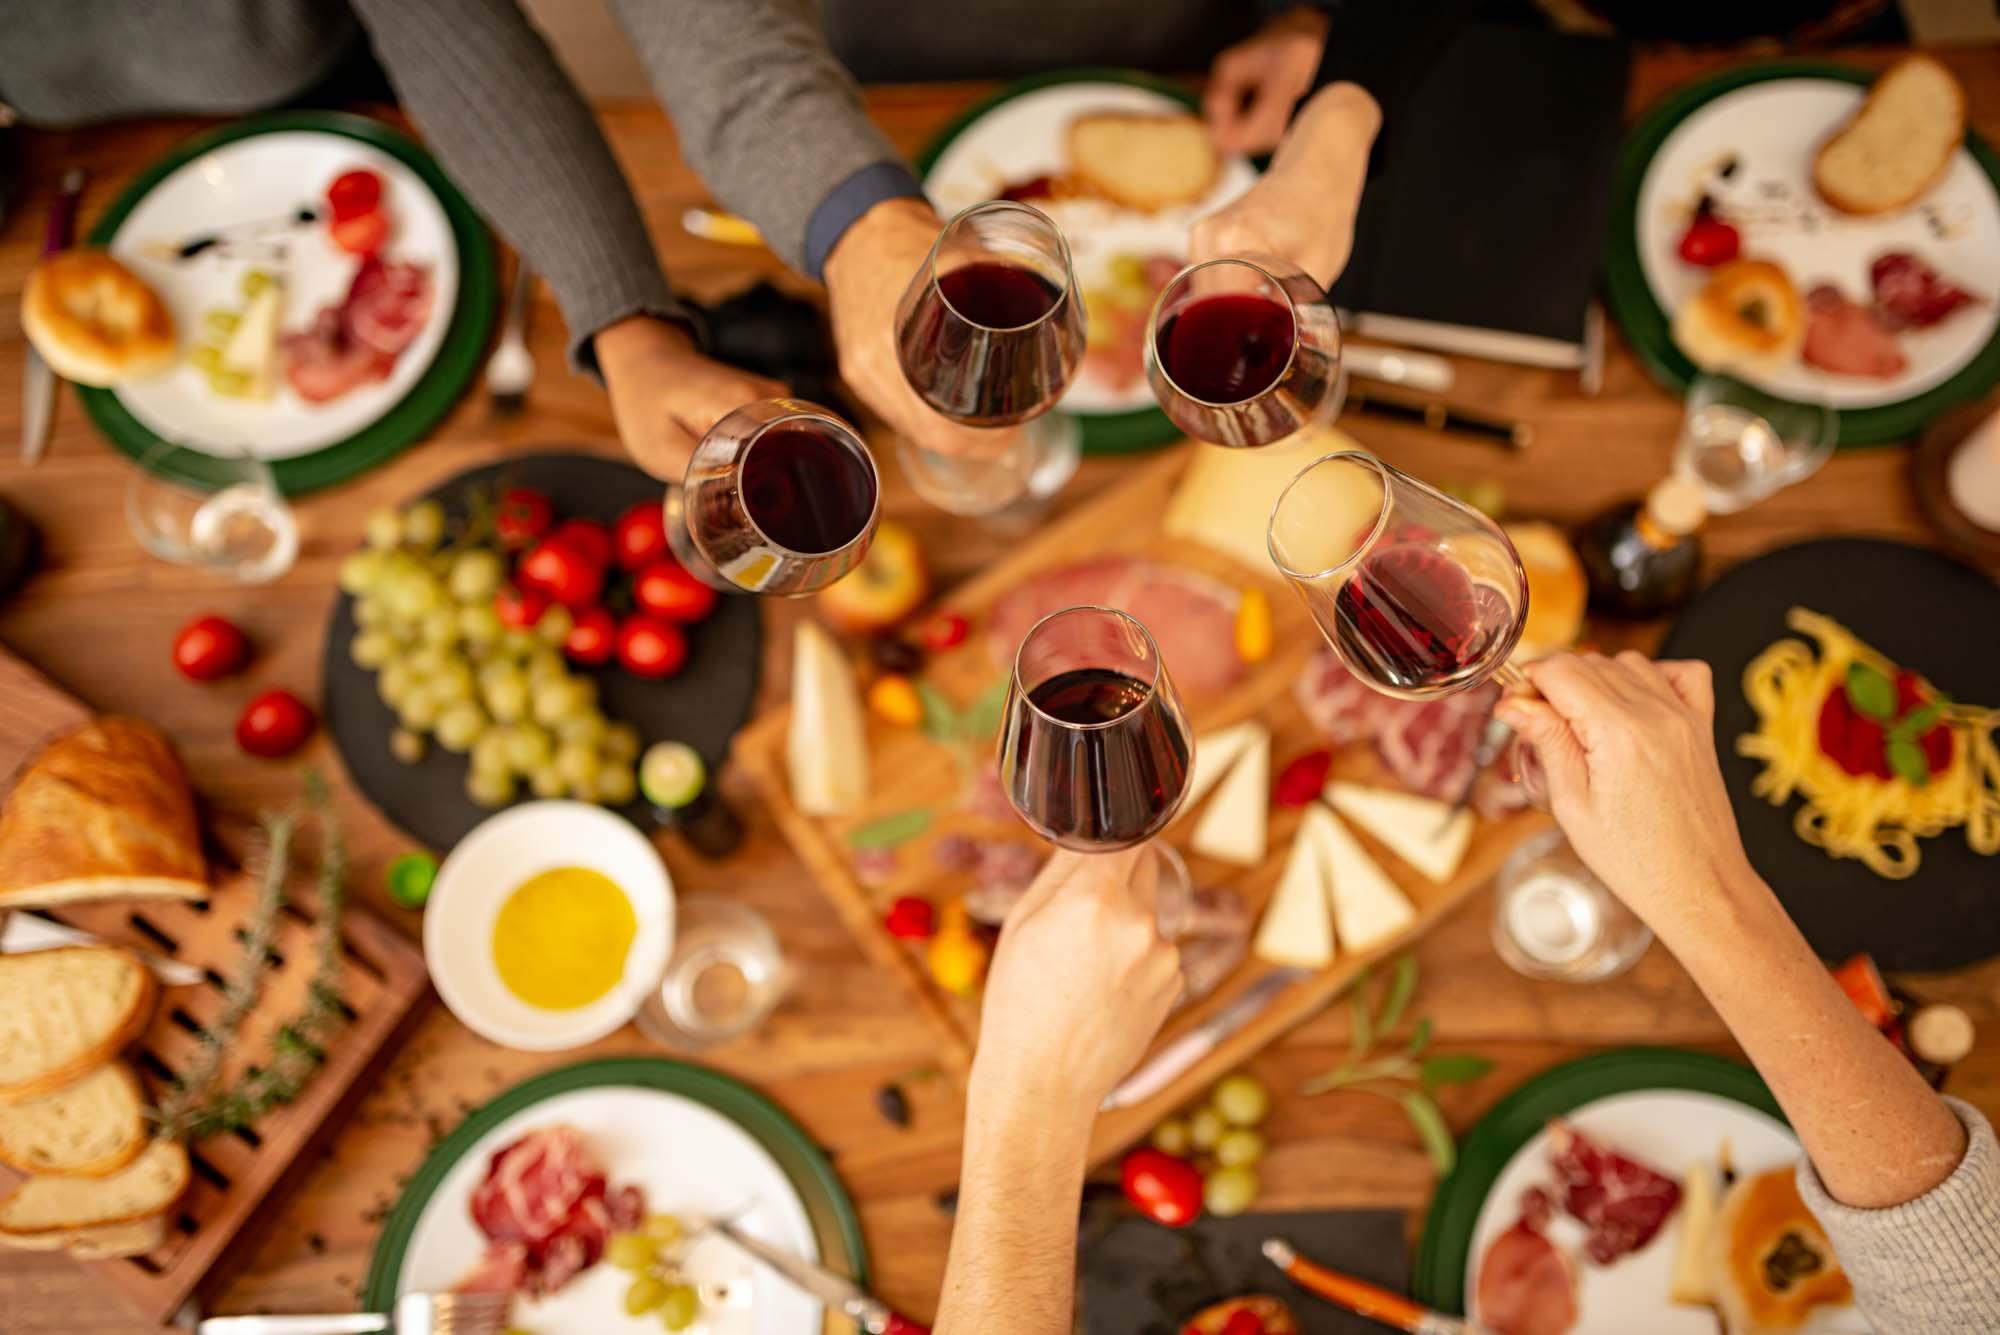 Corsi Di Cucina Cene Aziendali a Trieste